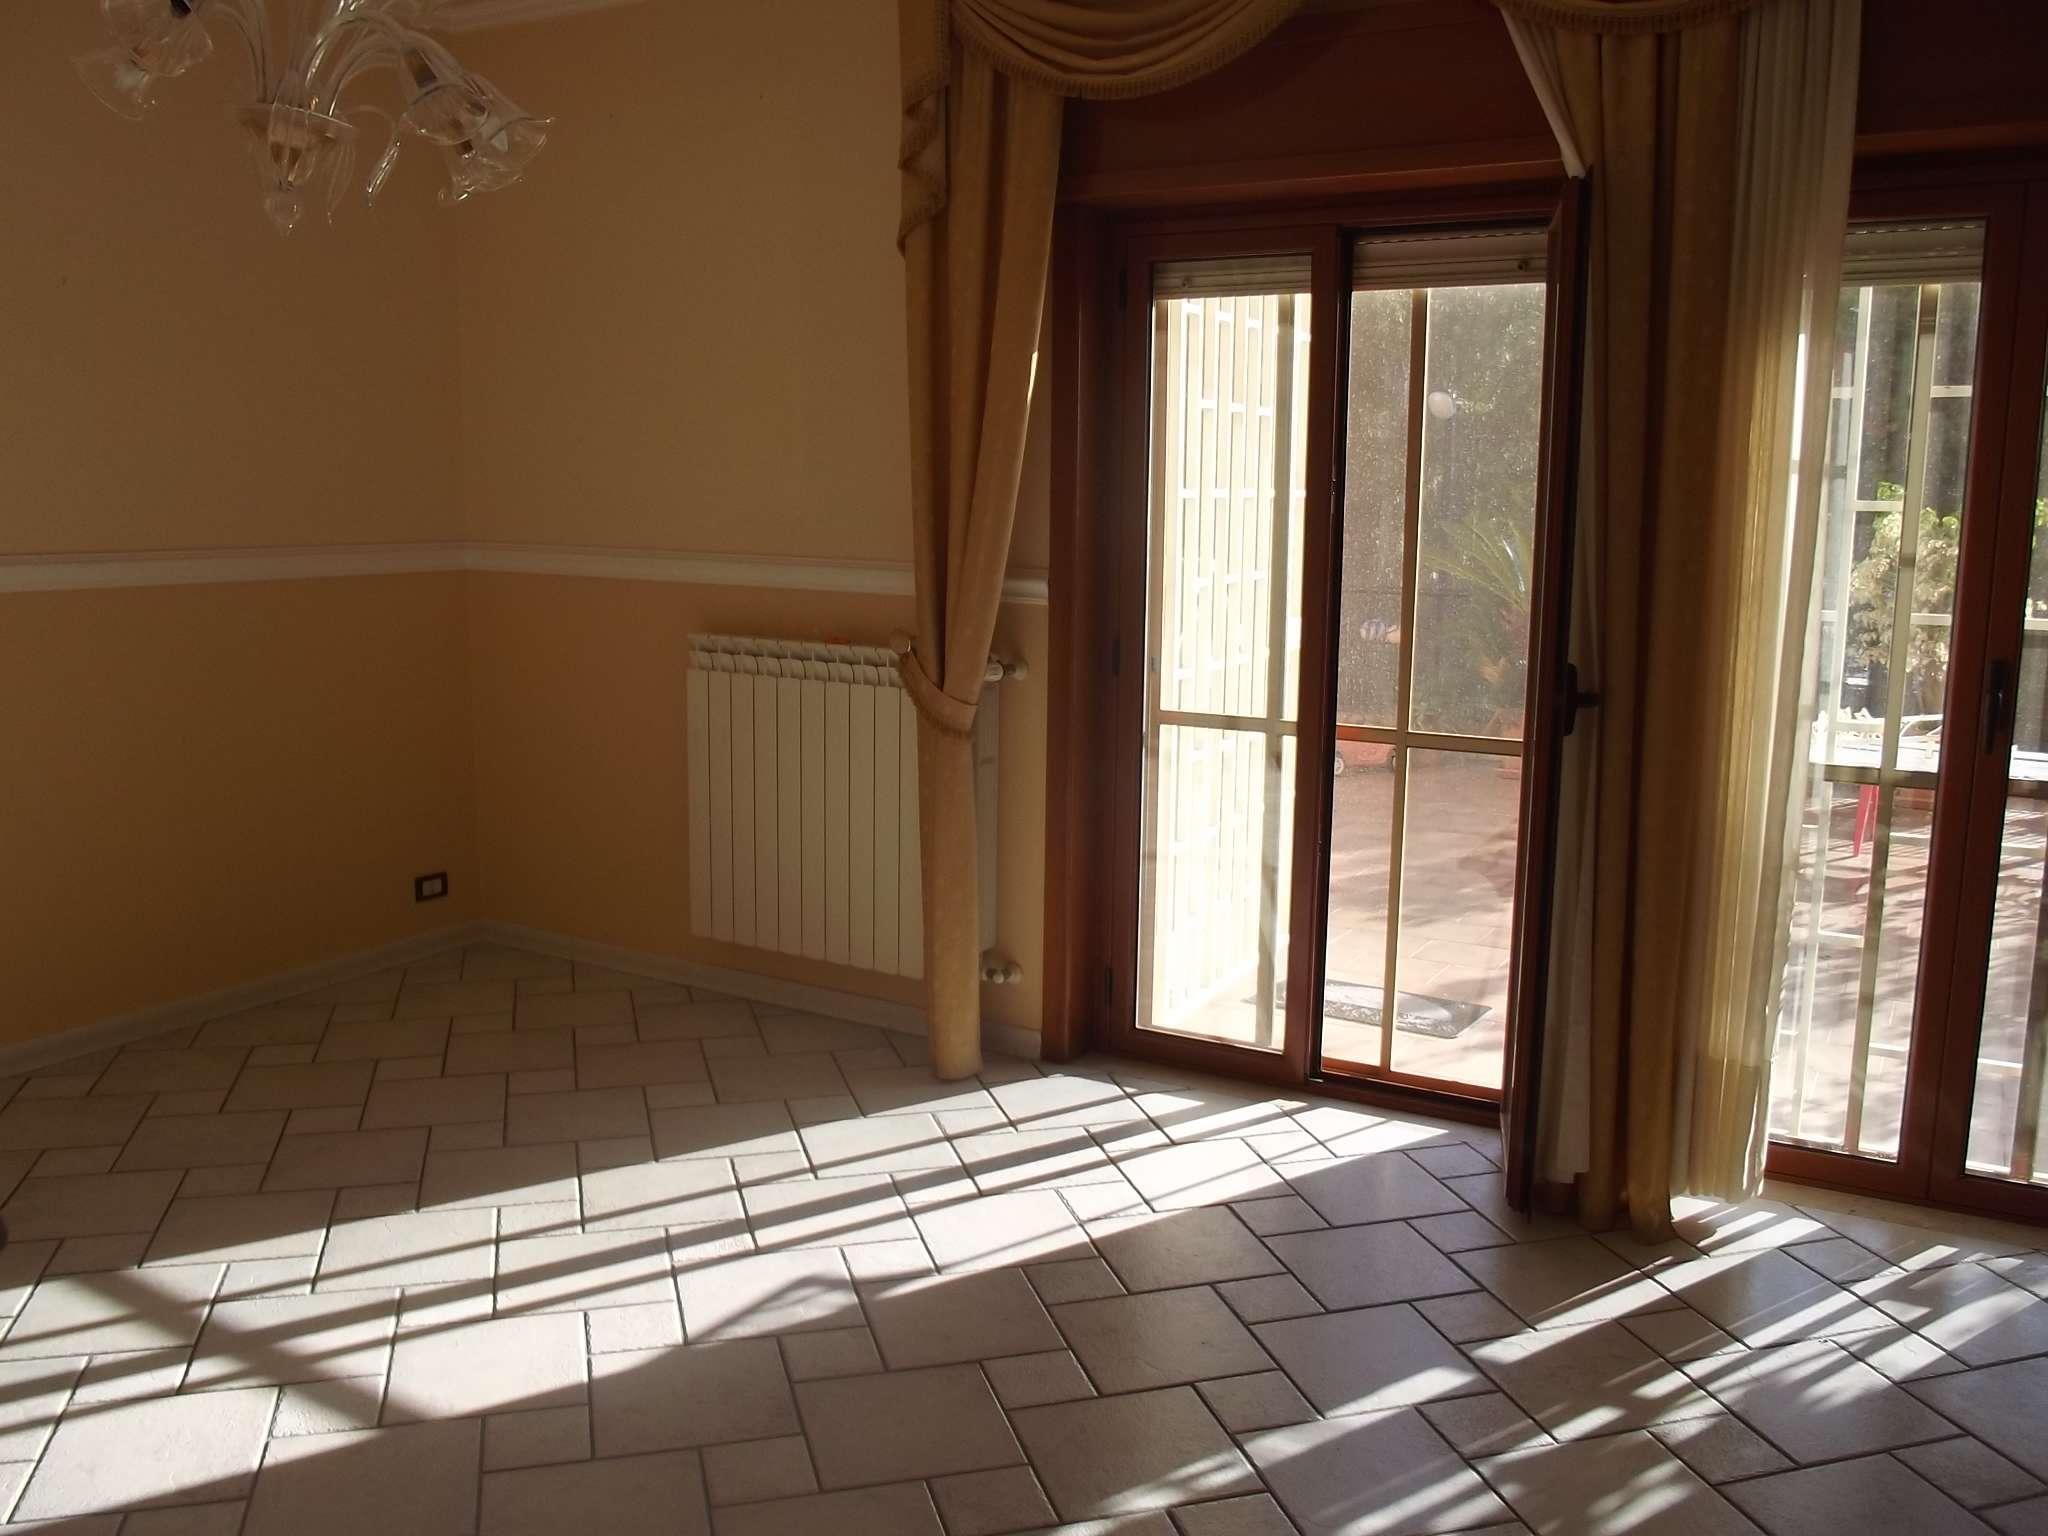 Appartamento in vendita a Messina, 4 locali, prezzo € 210.000 | CambioCasa.it